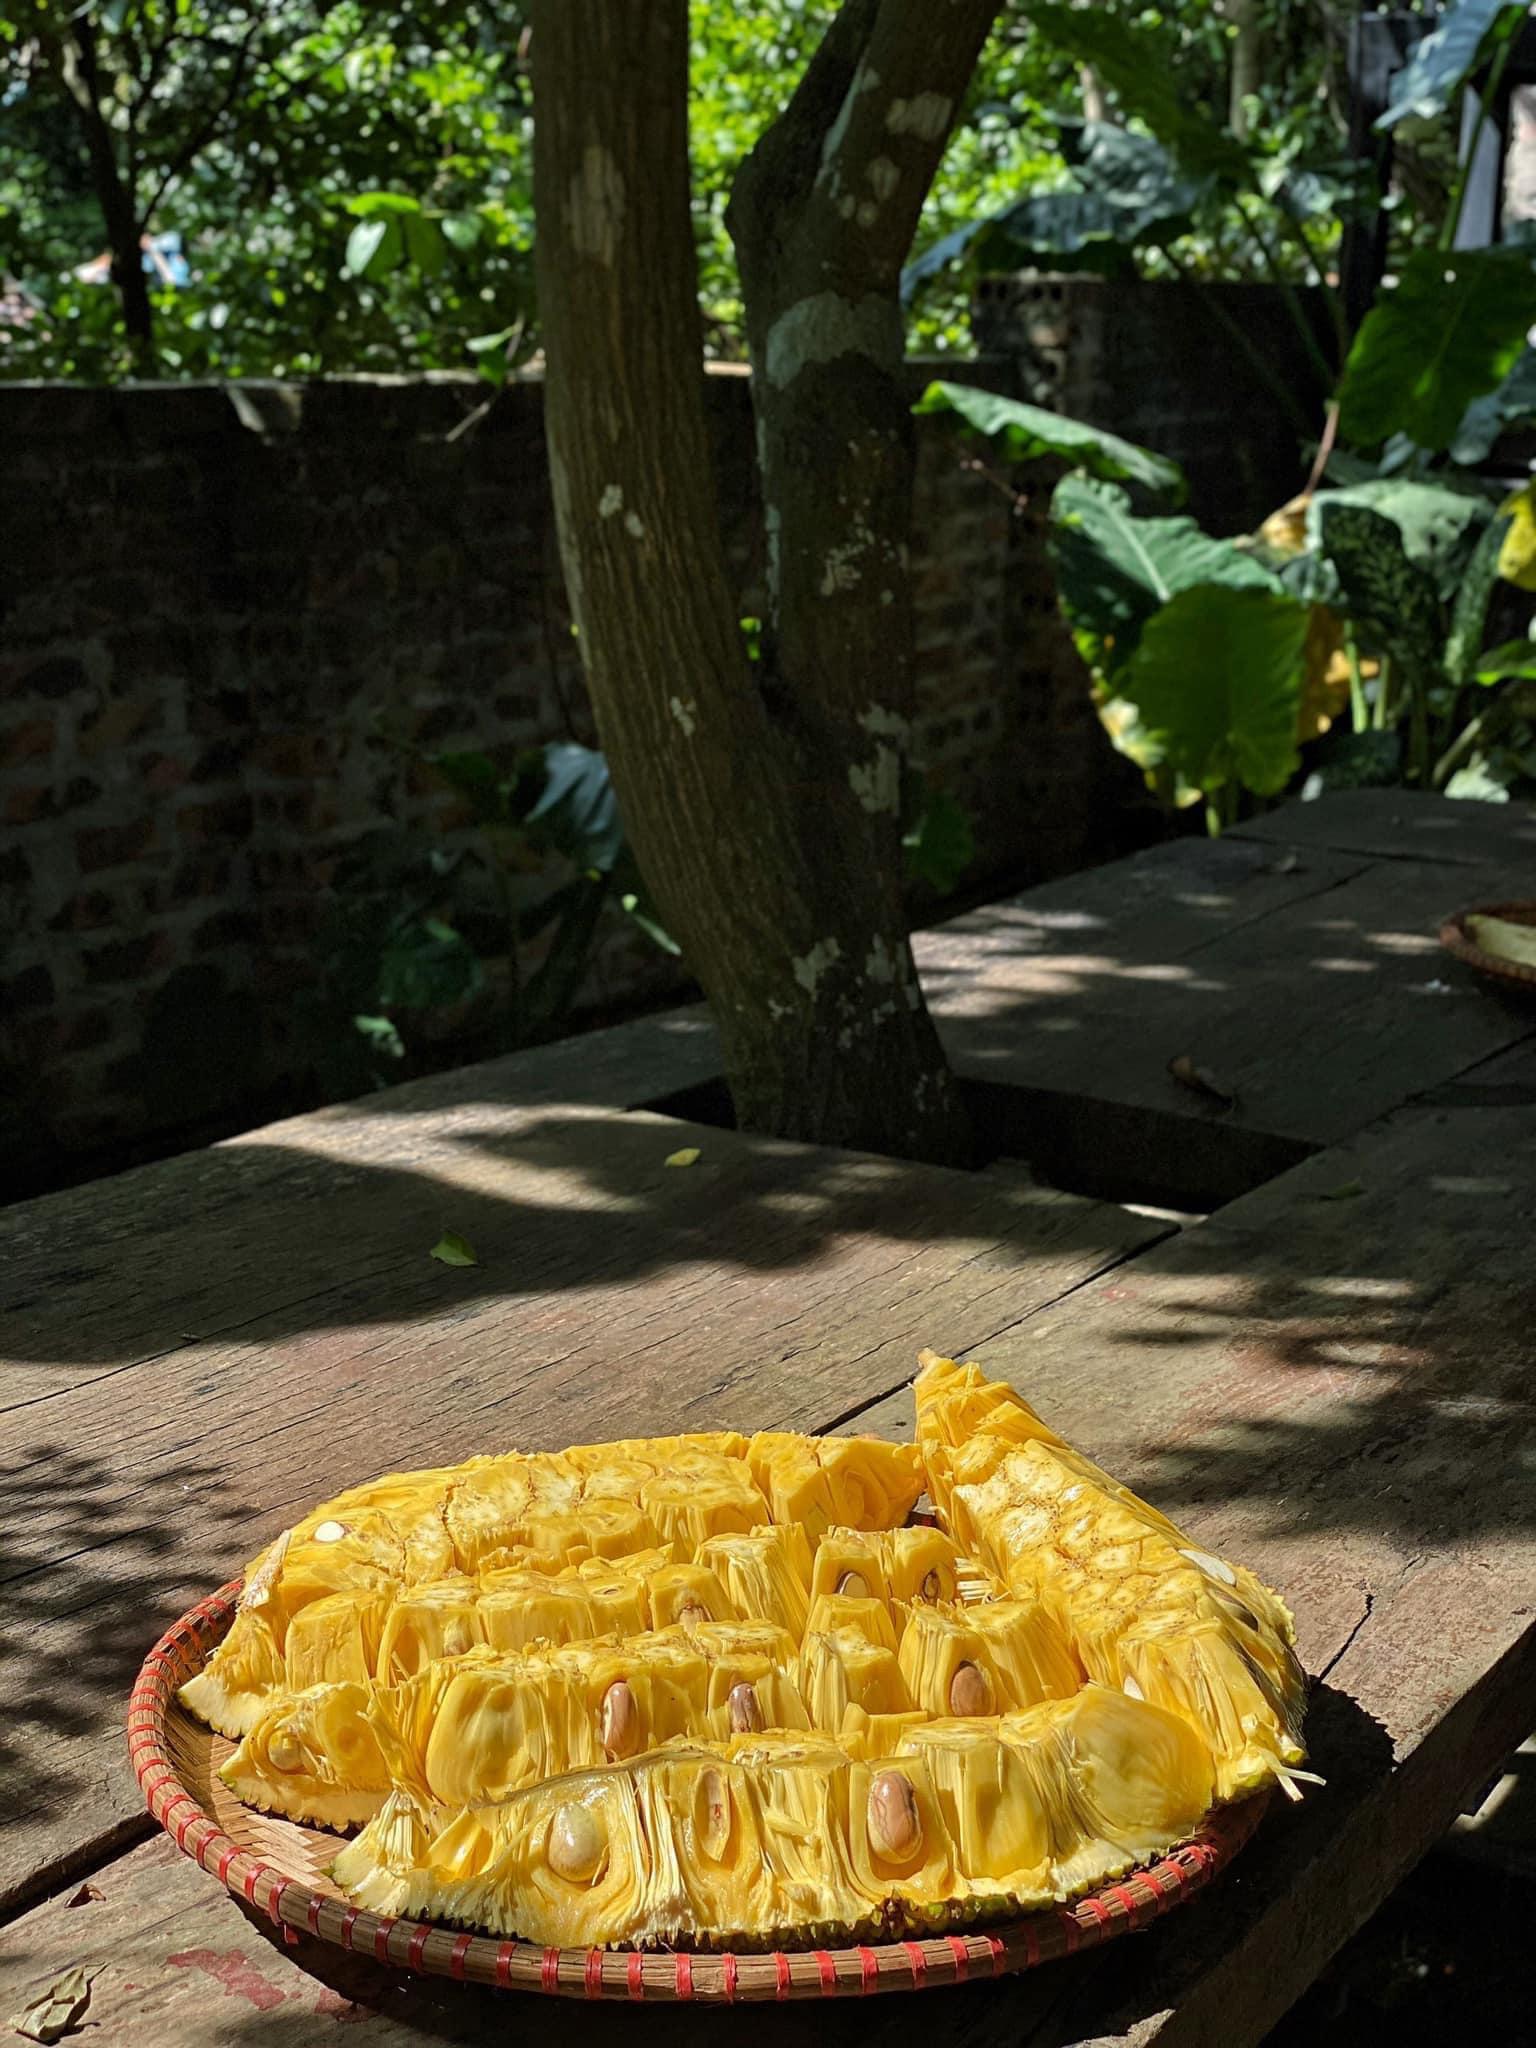 Mê mẩn với căn nhà second-home đẹp đến phát thèm tại ngoại ô Hà Nội, lộ bí quyết nhà đẹp quanh năm chỉ với 0 đồng của bà chủ nhà - Ảnh 17.